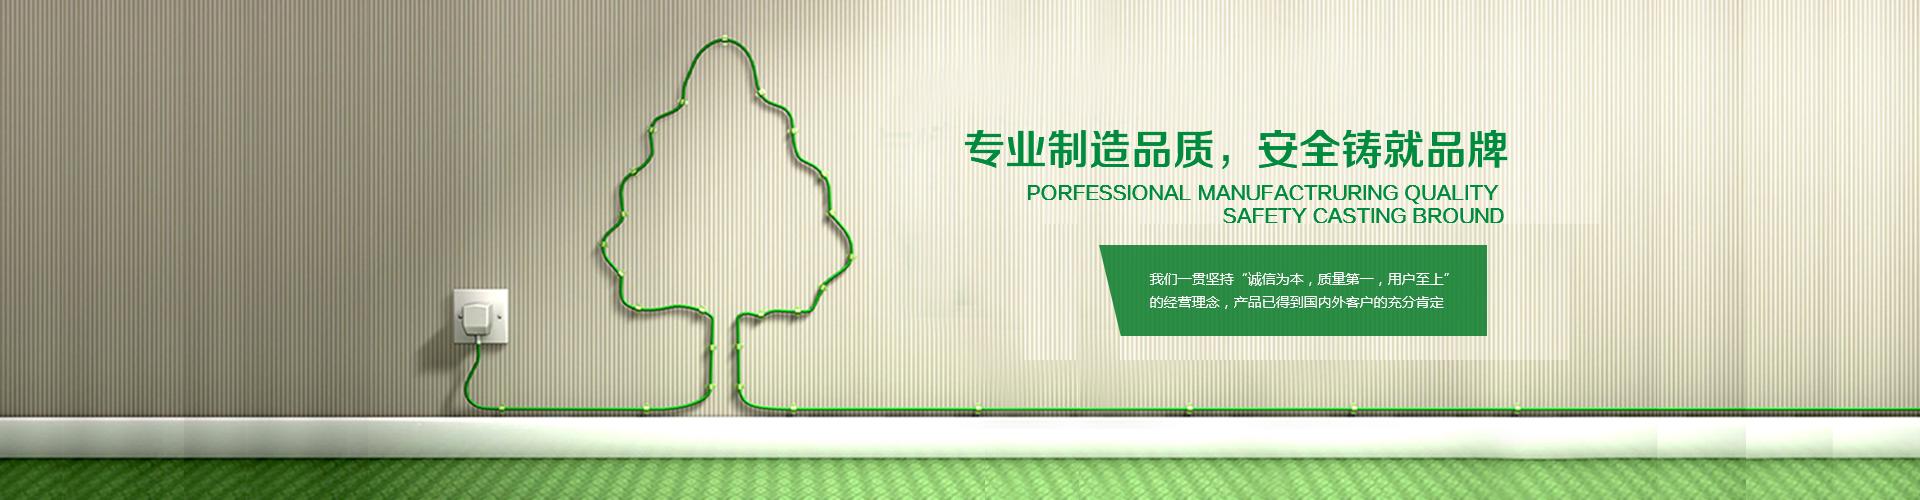 宁波锦鼎电器有限公司